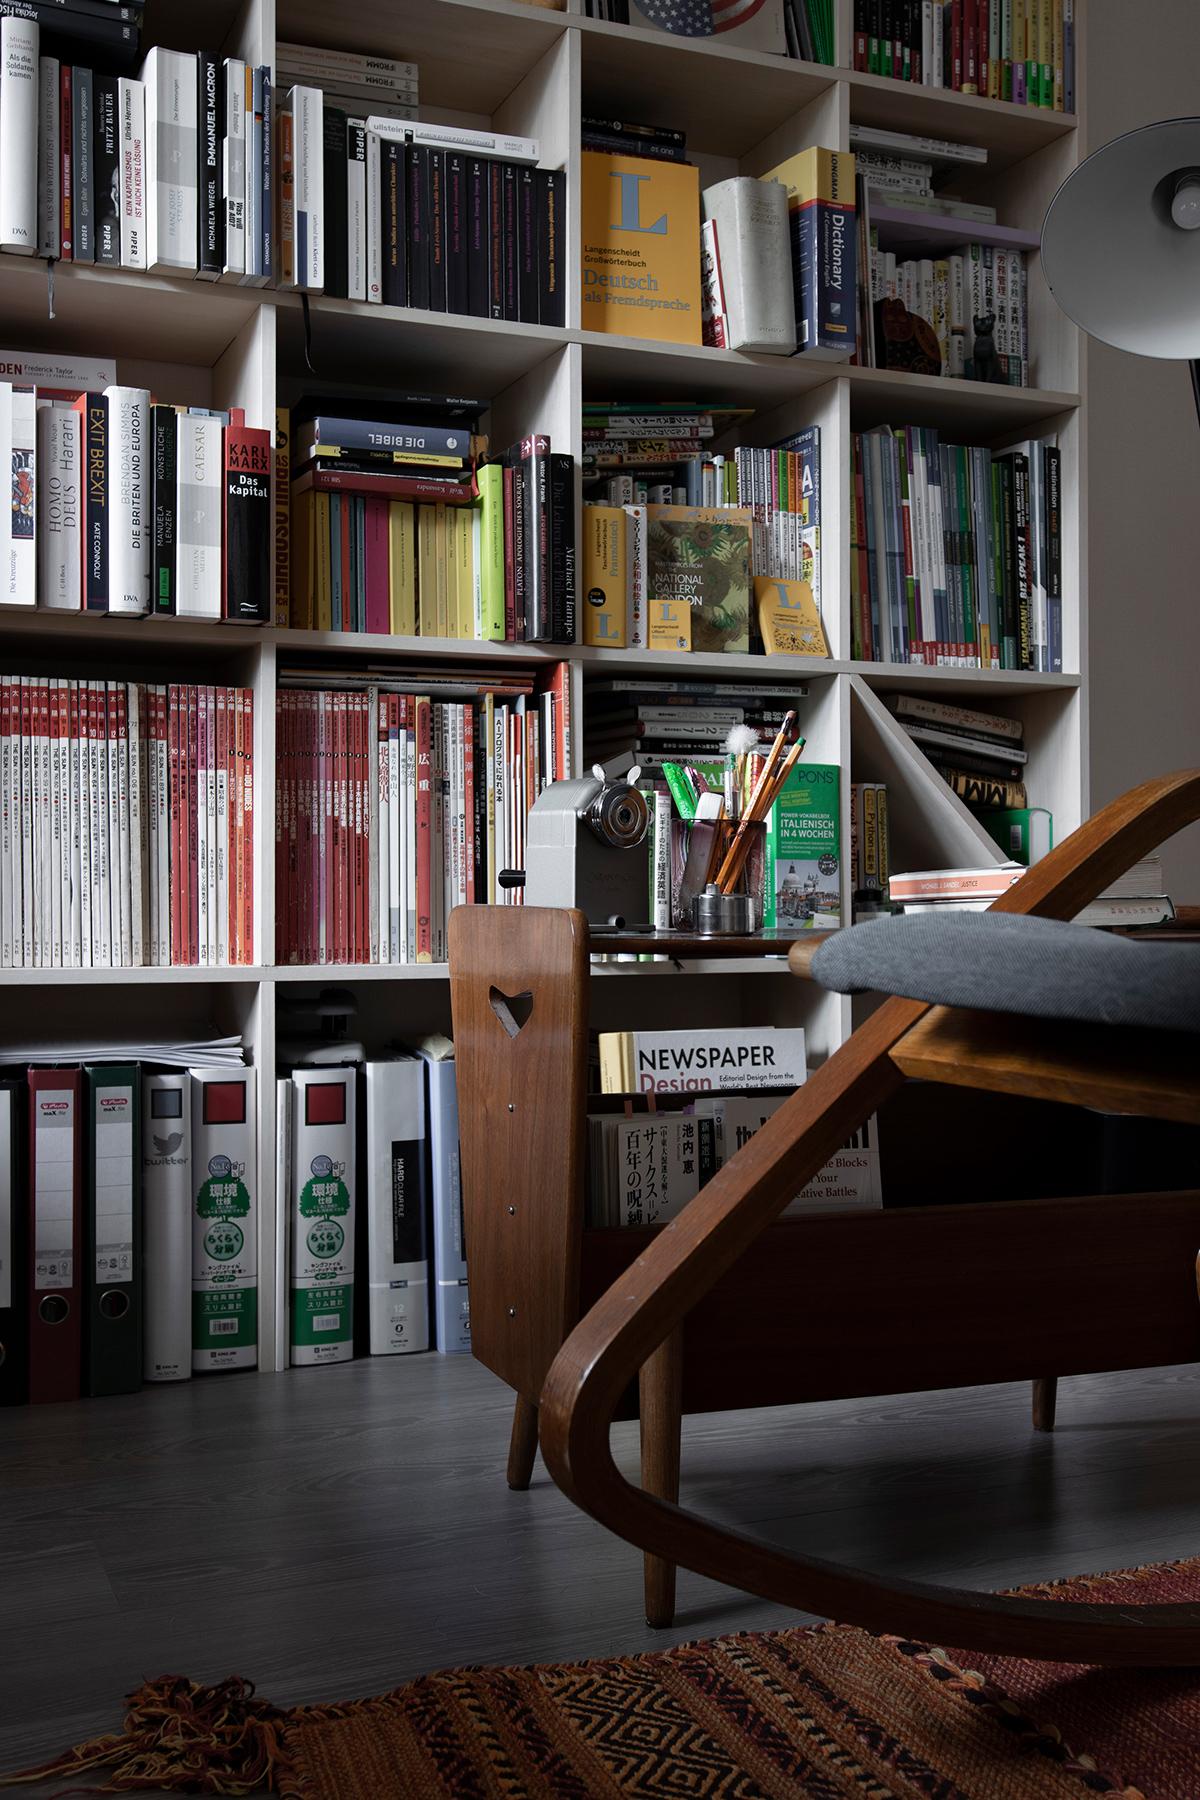 異国情緒漂う東欧の家具と | 壁一面の本棚 奥行350mm / Shelf (No.114) | margherita使用例